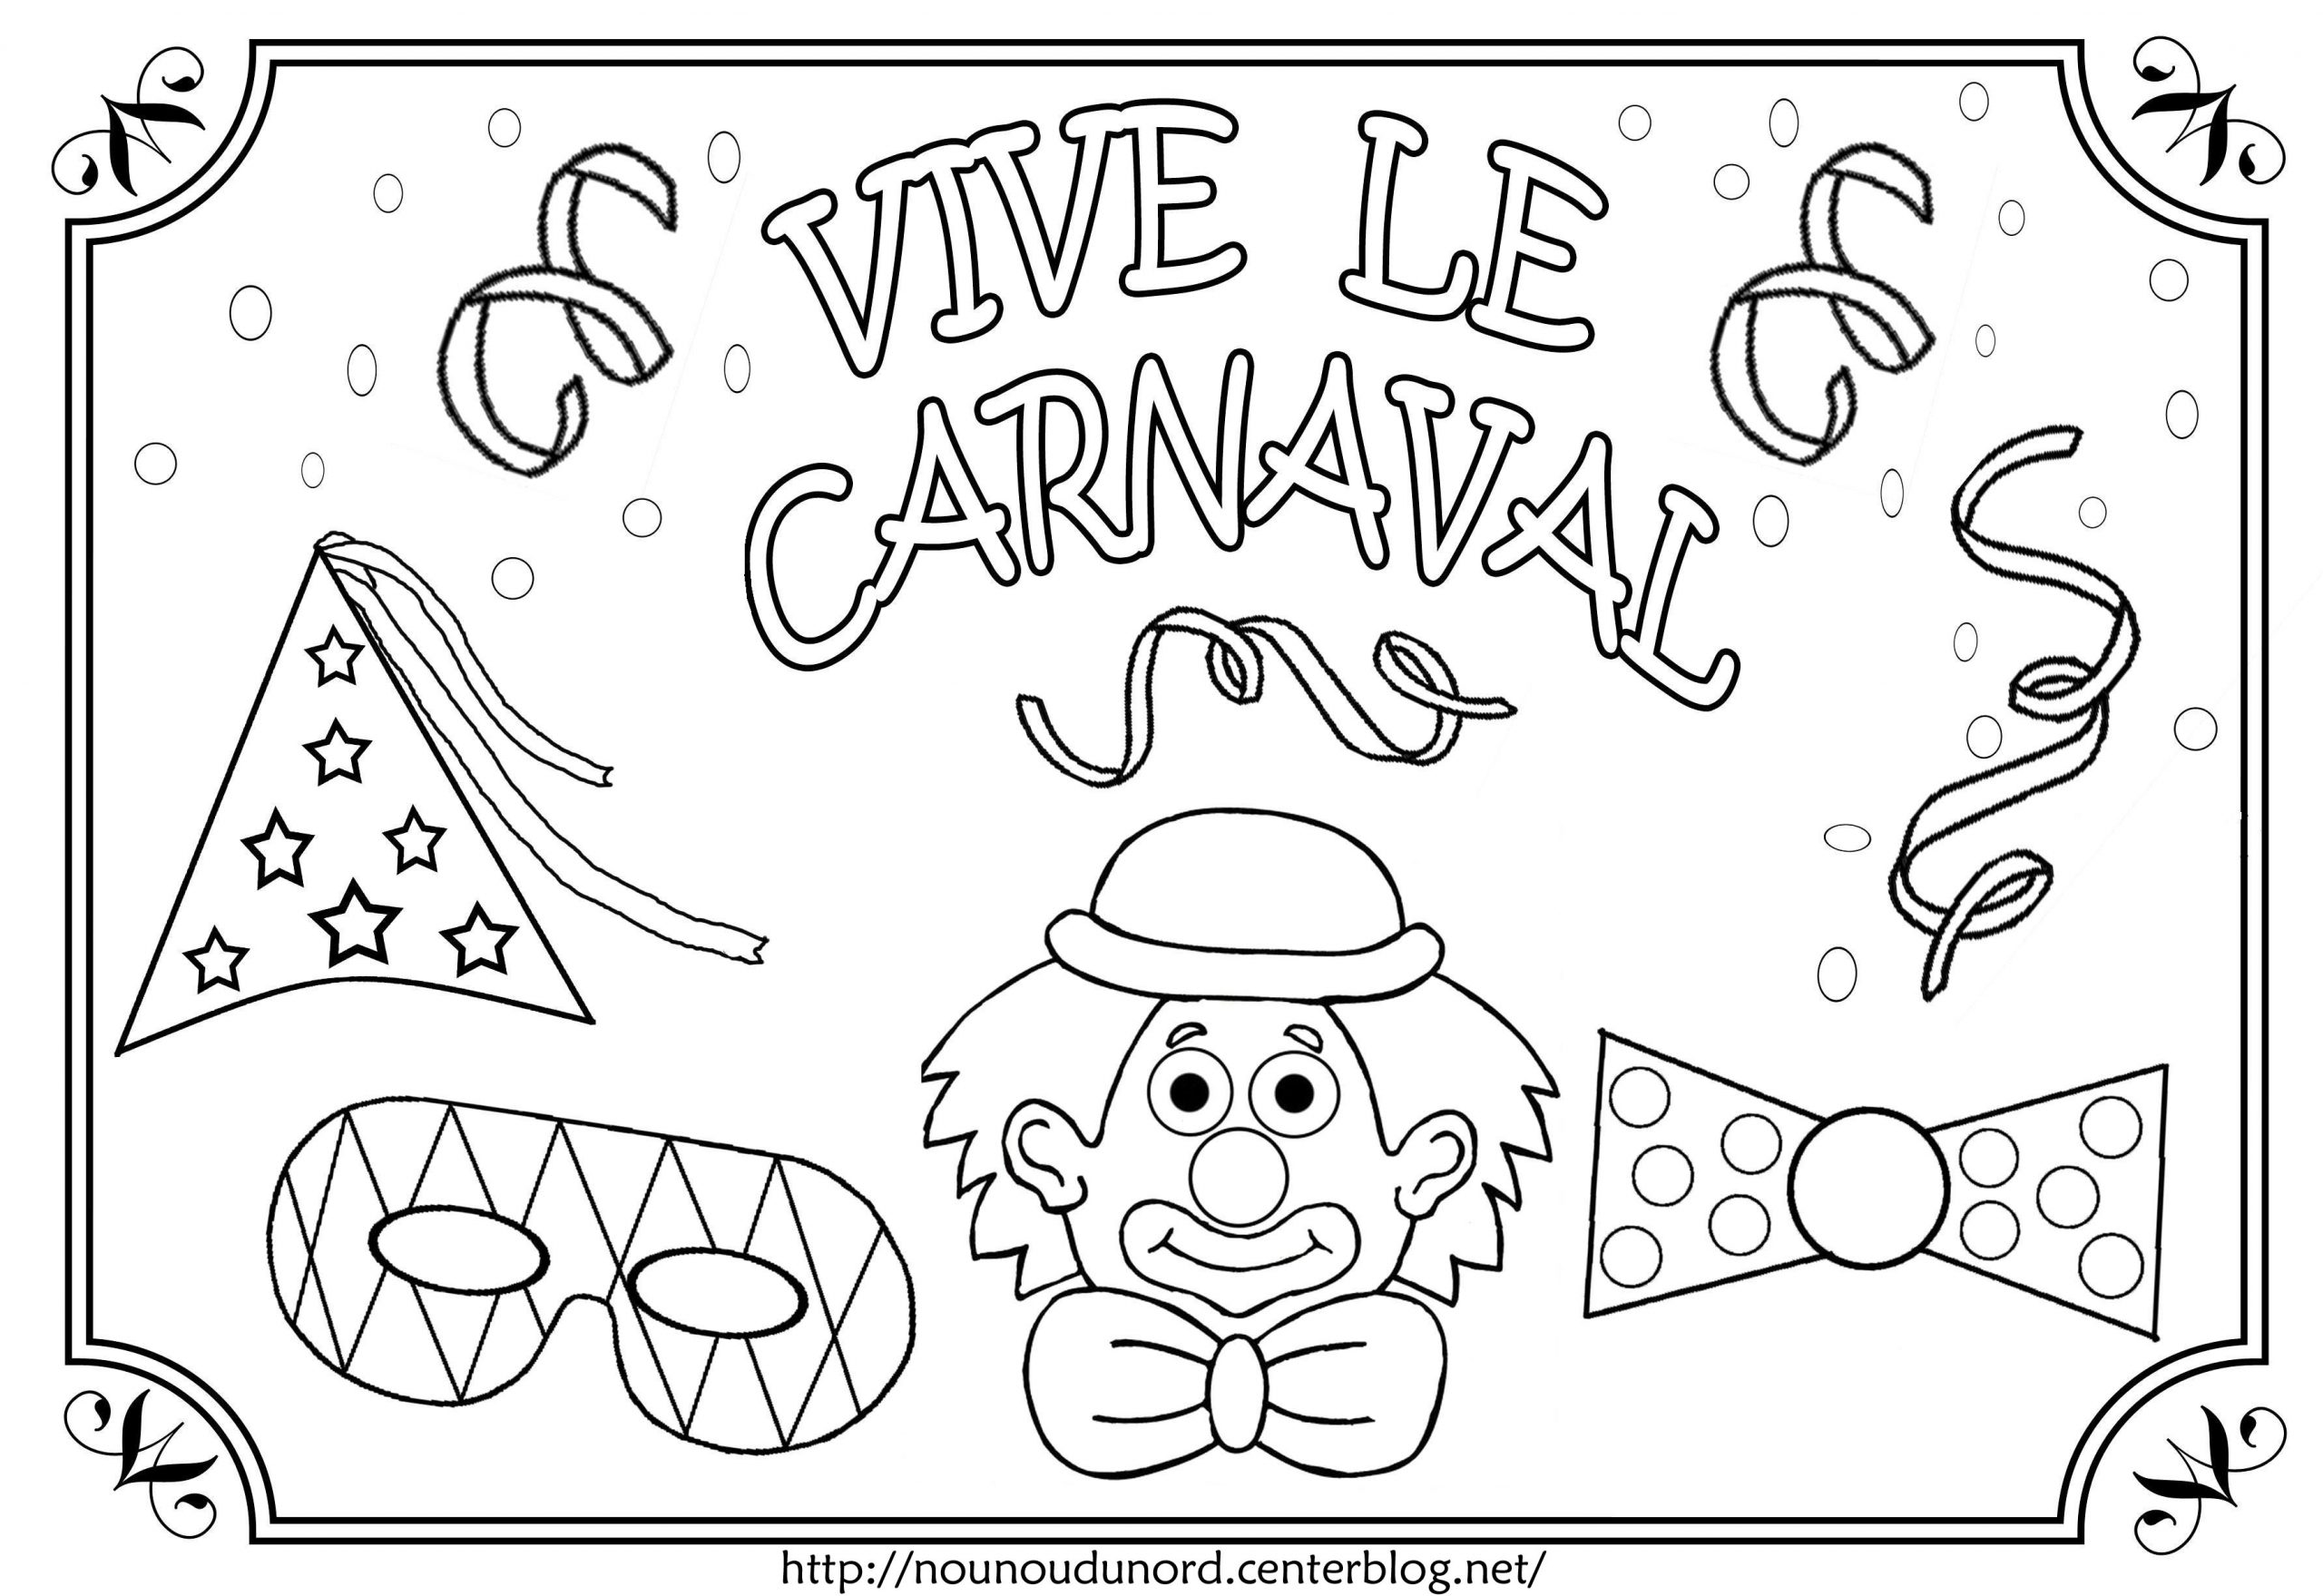 Dessins Gratuits À Colorier - Coloriage Carnaval À Imprimer dedans Masque Carnaval Maternelle À Imprimer